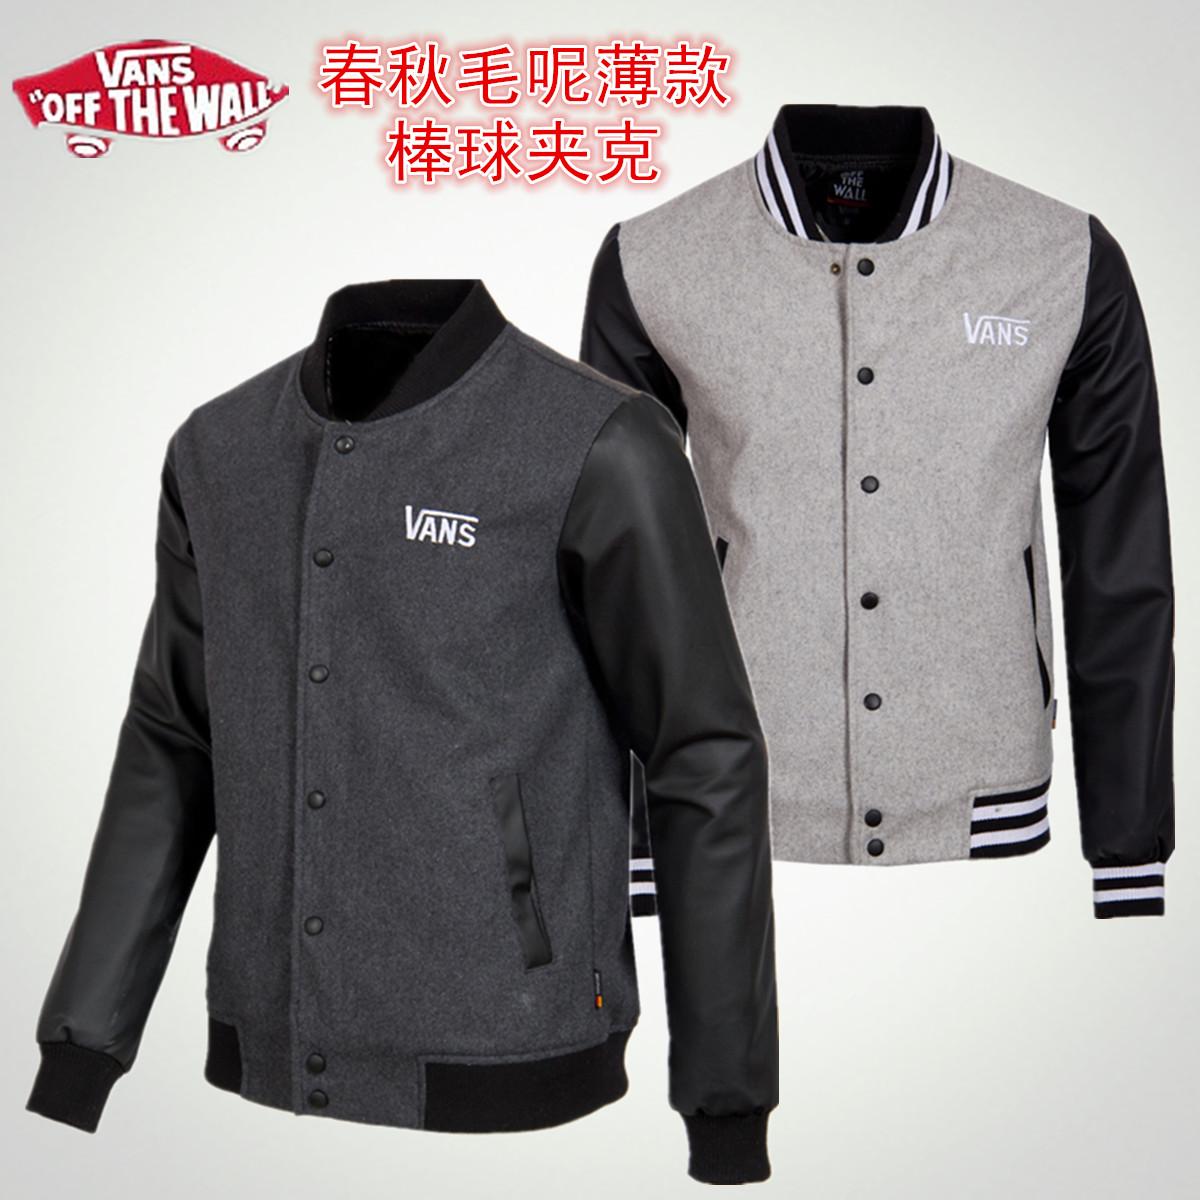 包邮万斯vans男装pu皮袖棒球服棒球衫青少年夹克衫修身毛呢外套潮商品